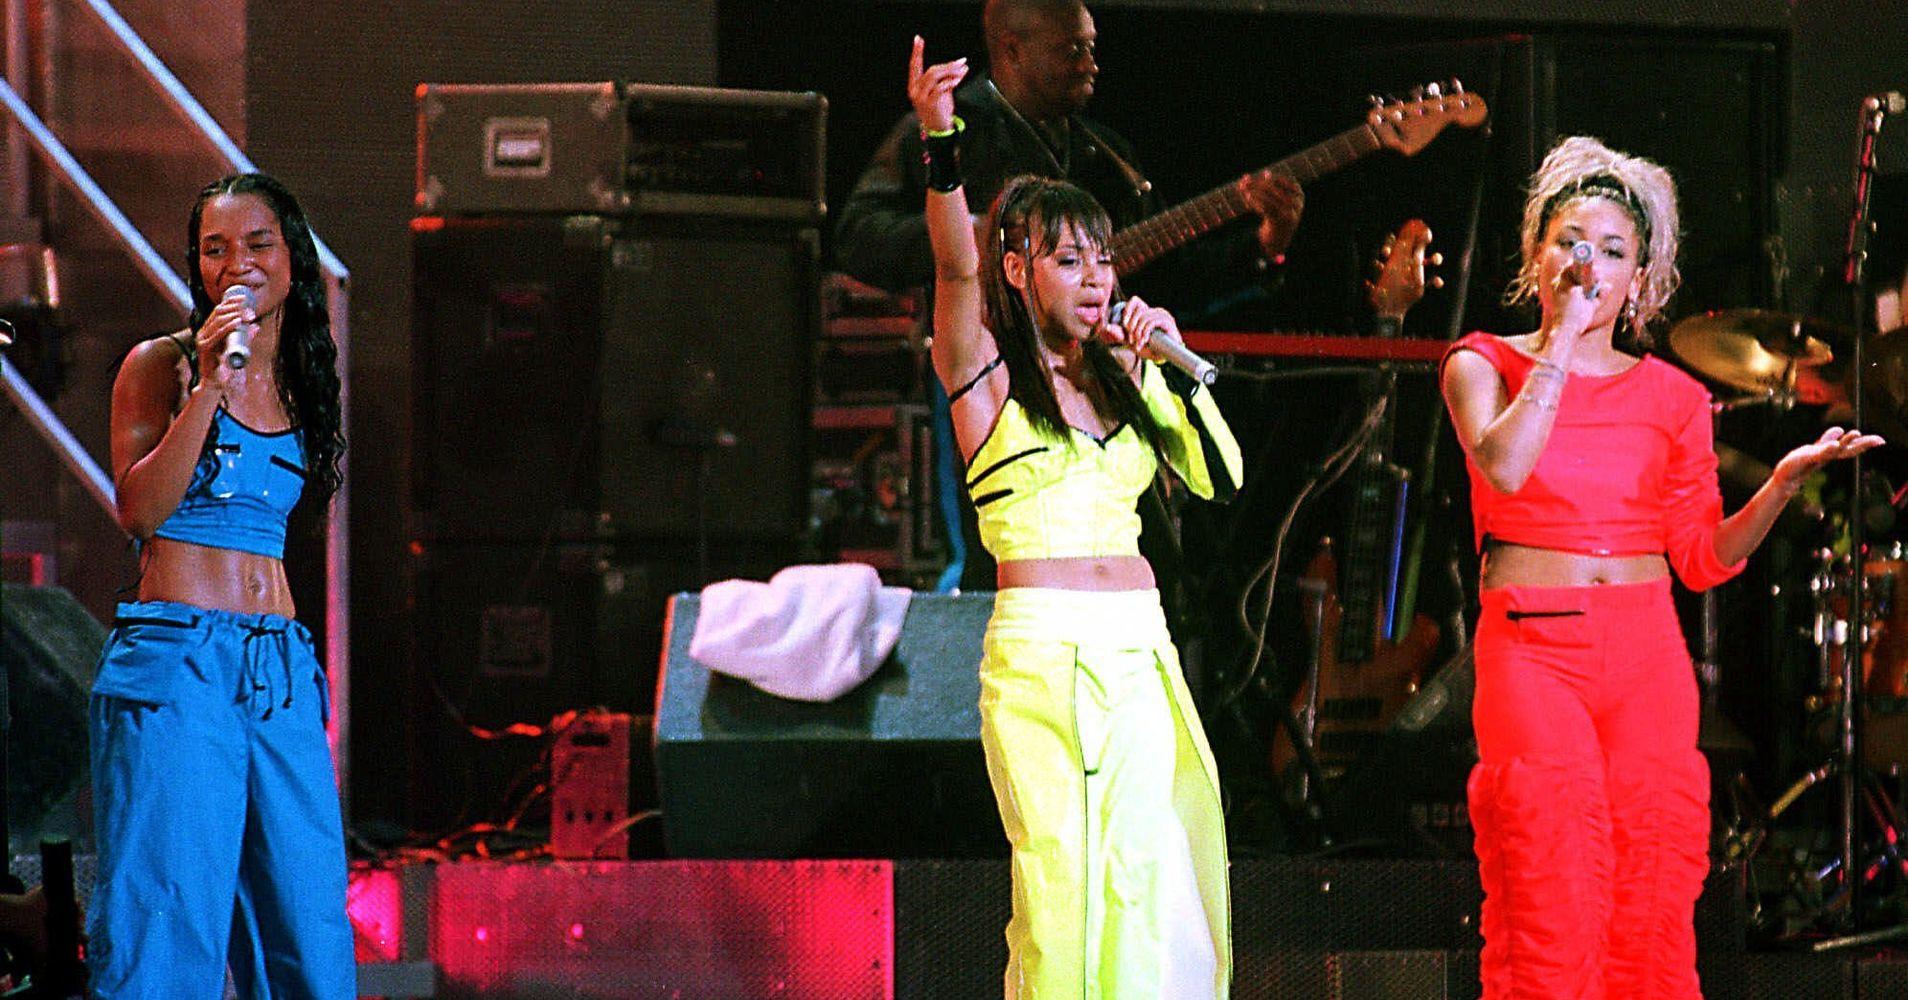 Resultado de imagem para TLC - FanMail Tour (1999)